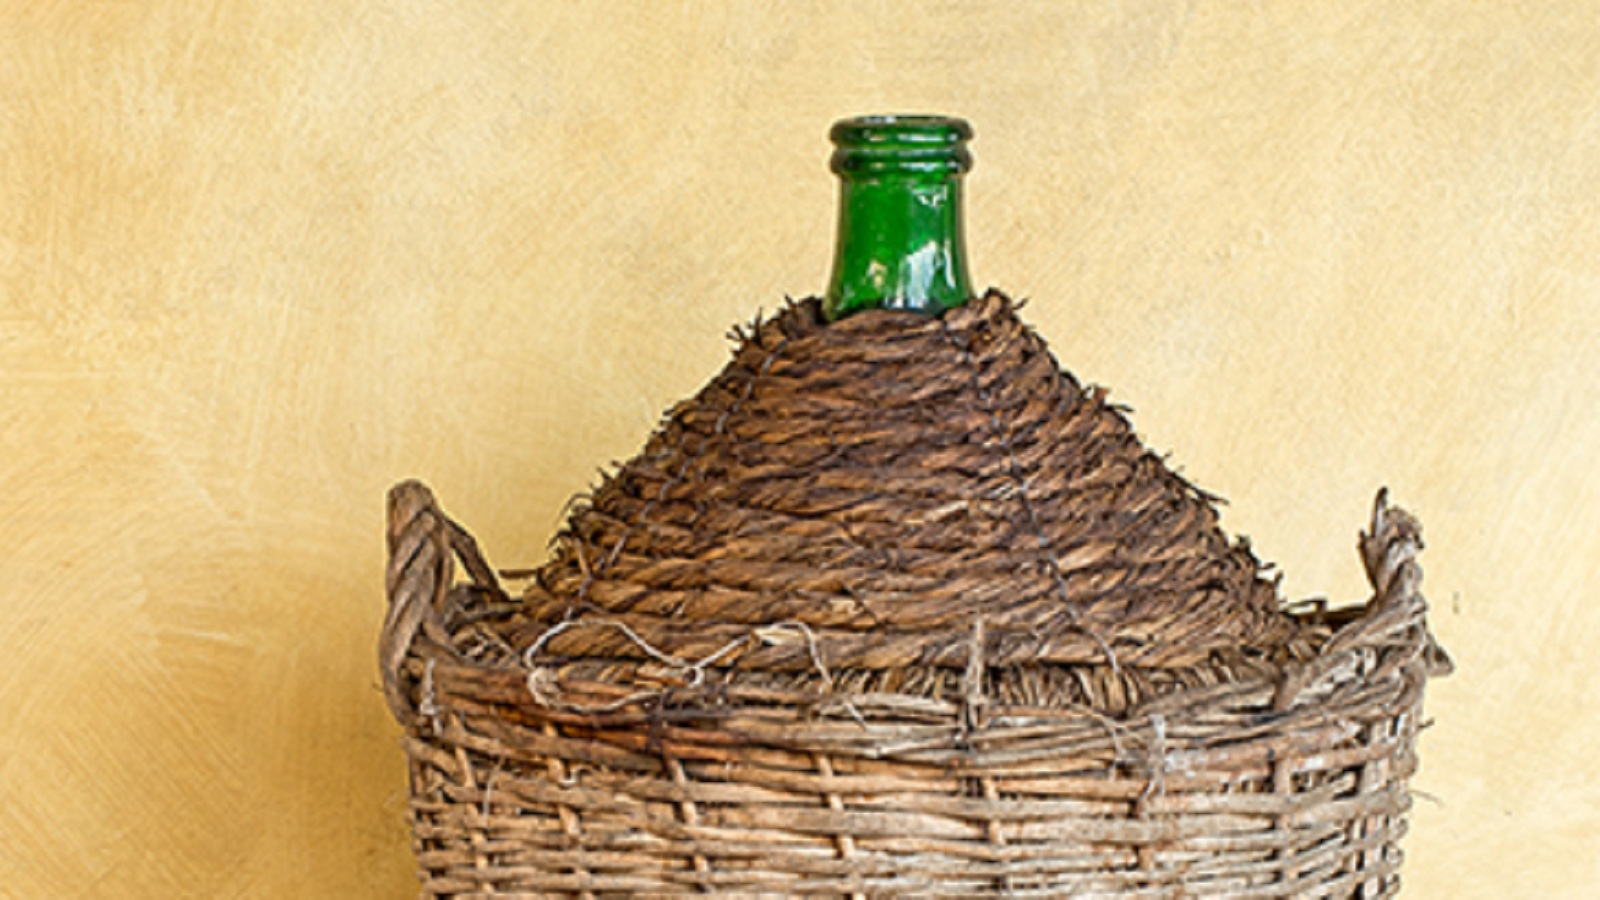 La Credenza Vini : Fiorfood coop by la credenza u torino chef gianni spegis